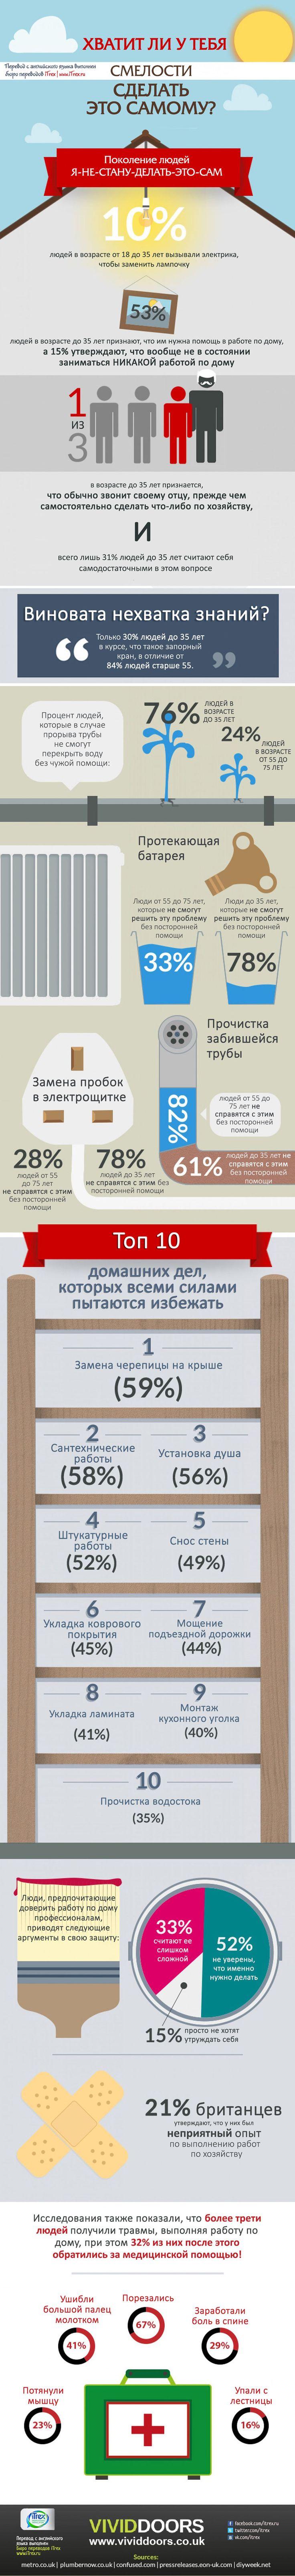 Девушки делятся на три категории: - те, которые любят мужчин, способных затащить холодильник на пятый этаж без лифта; - те, которые любят мужчин, способных оплатить труд мужчин из первой категории; - те, которые любят мужчин, способных затащить холодильник на пятый этаж без лифта, но предпочитающих оплатить труд мужчин из первой категории. Есть четвертая: - те, которые любят мужчин из третьей категории, но поступают, как из первой категории…